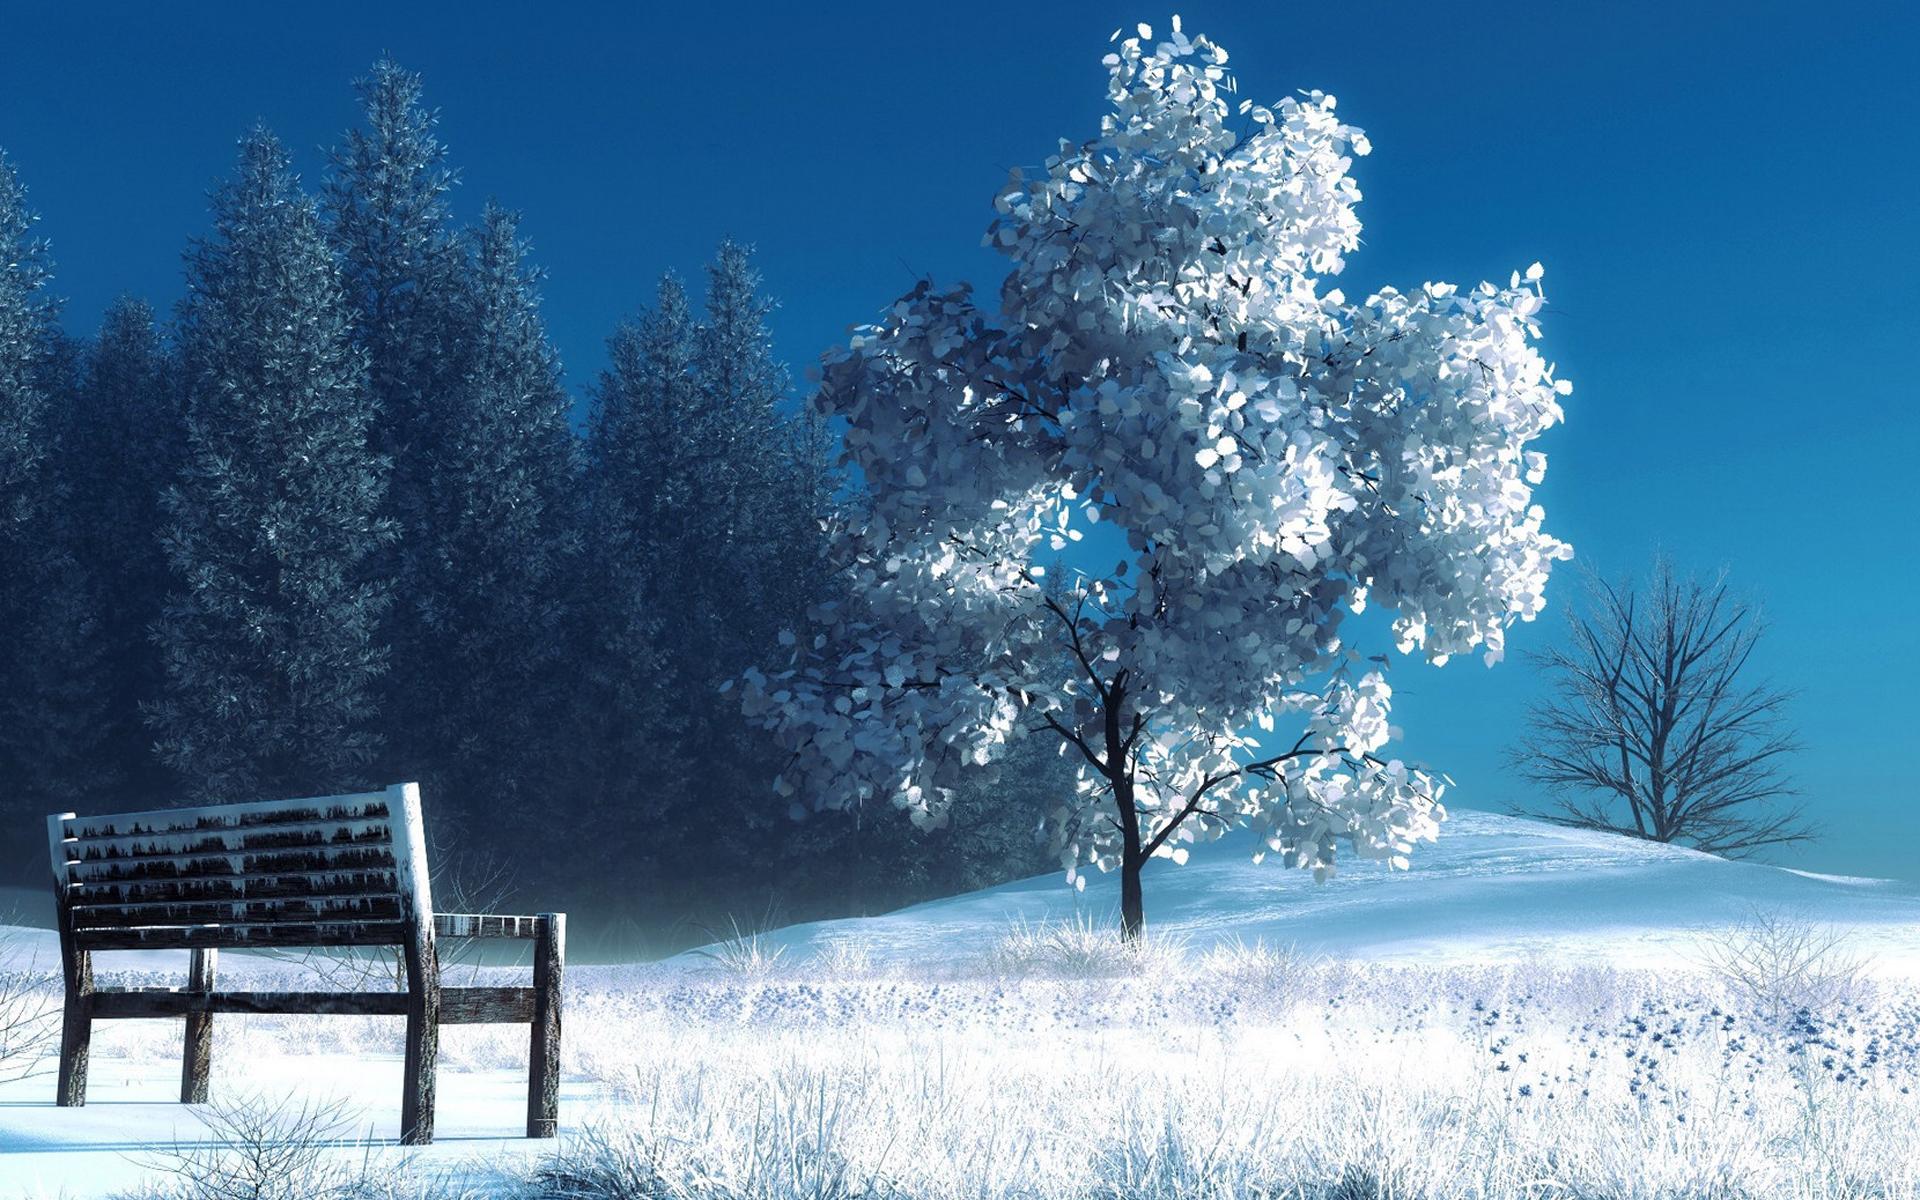 孤独的长椅唯美风景壁纸桌面